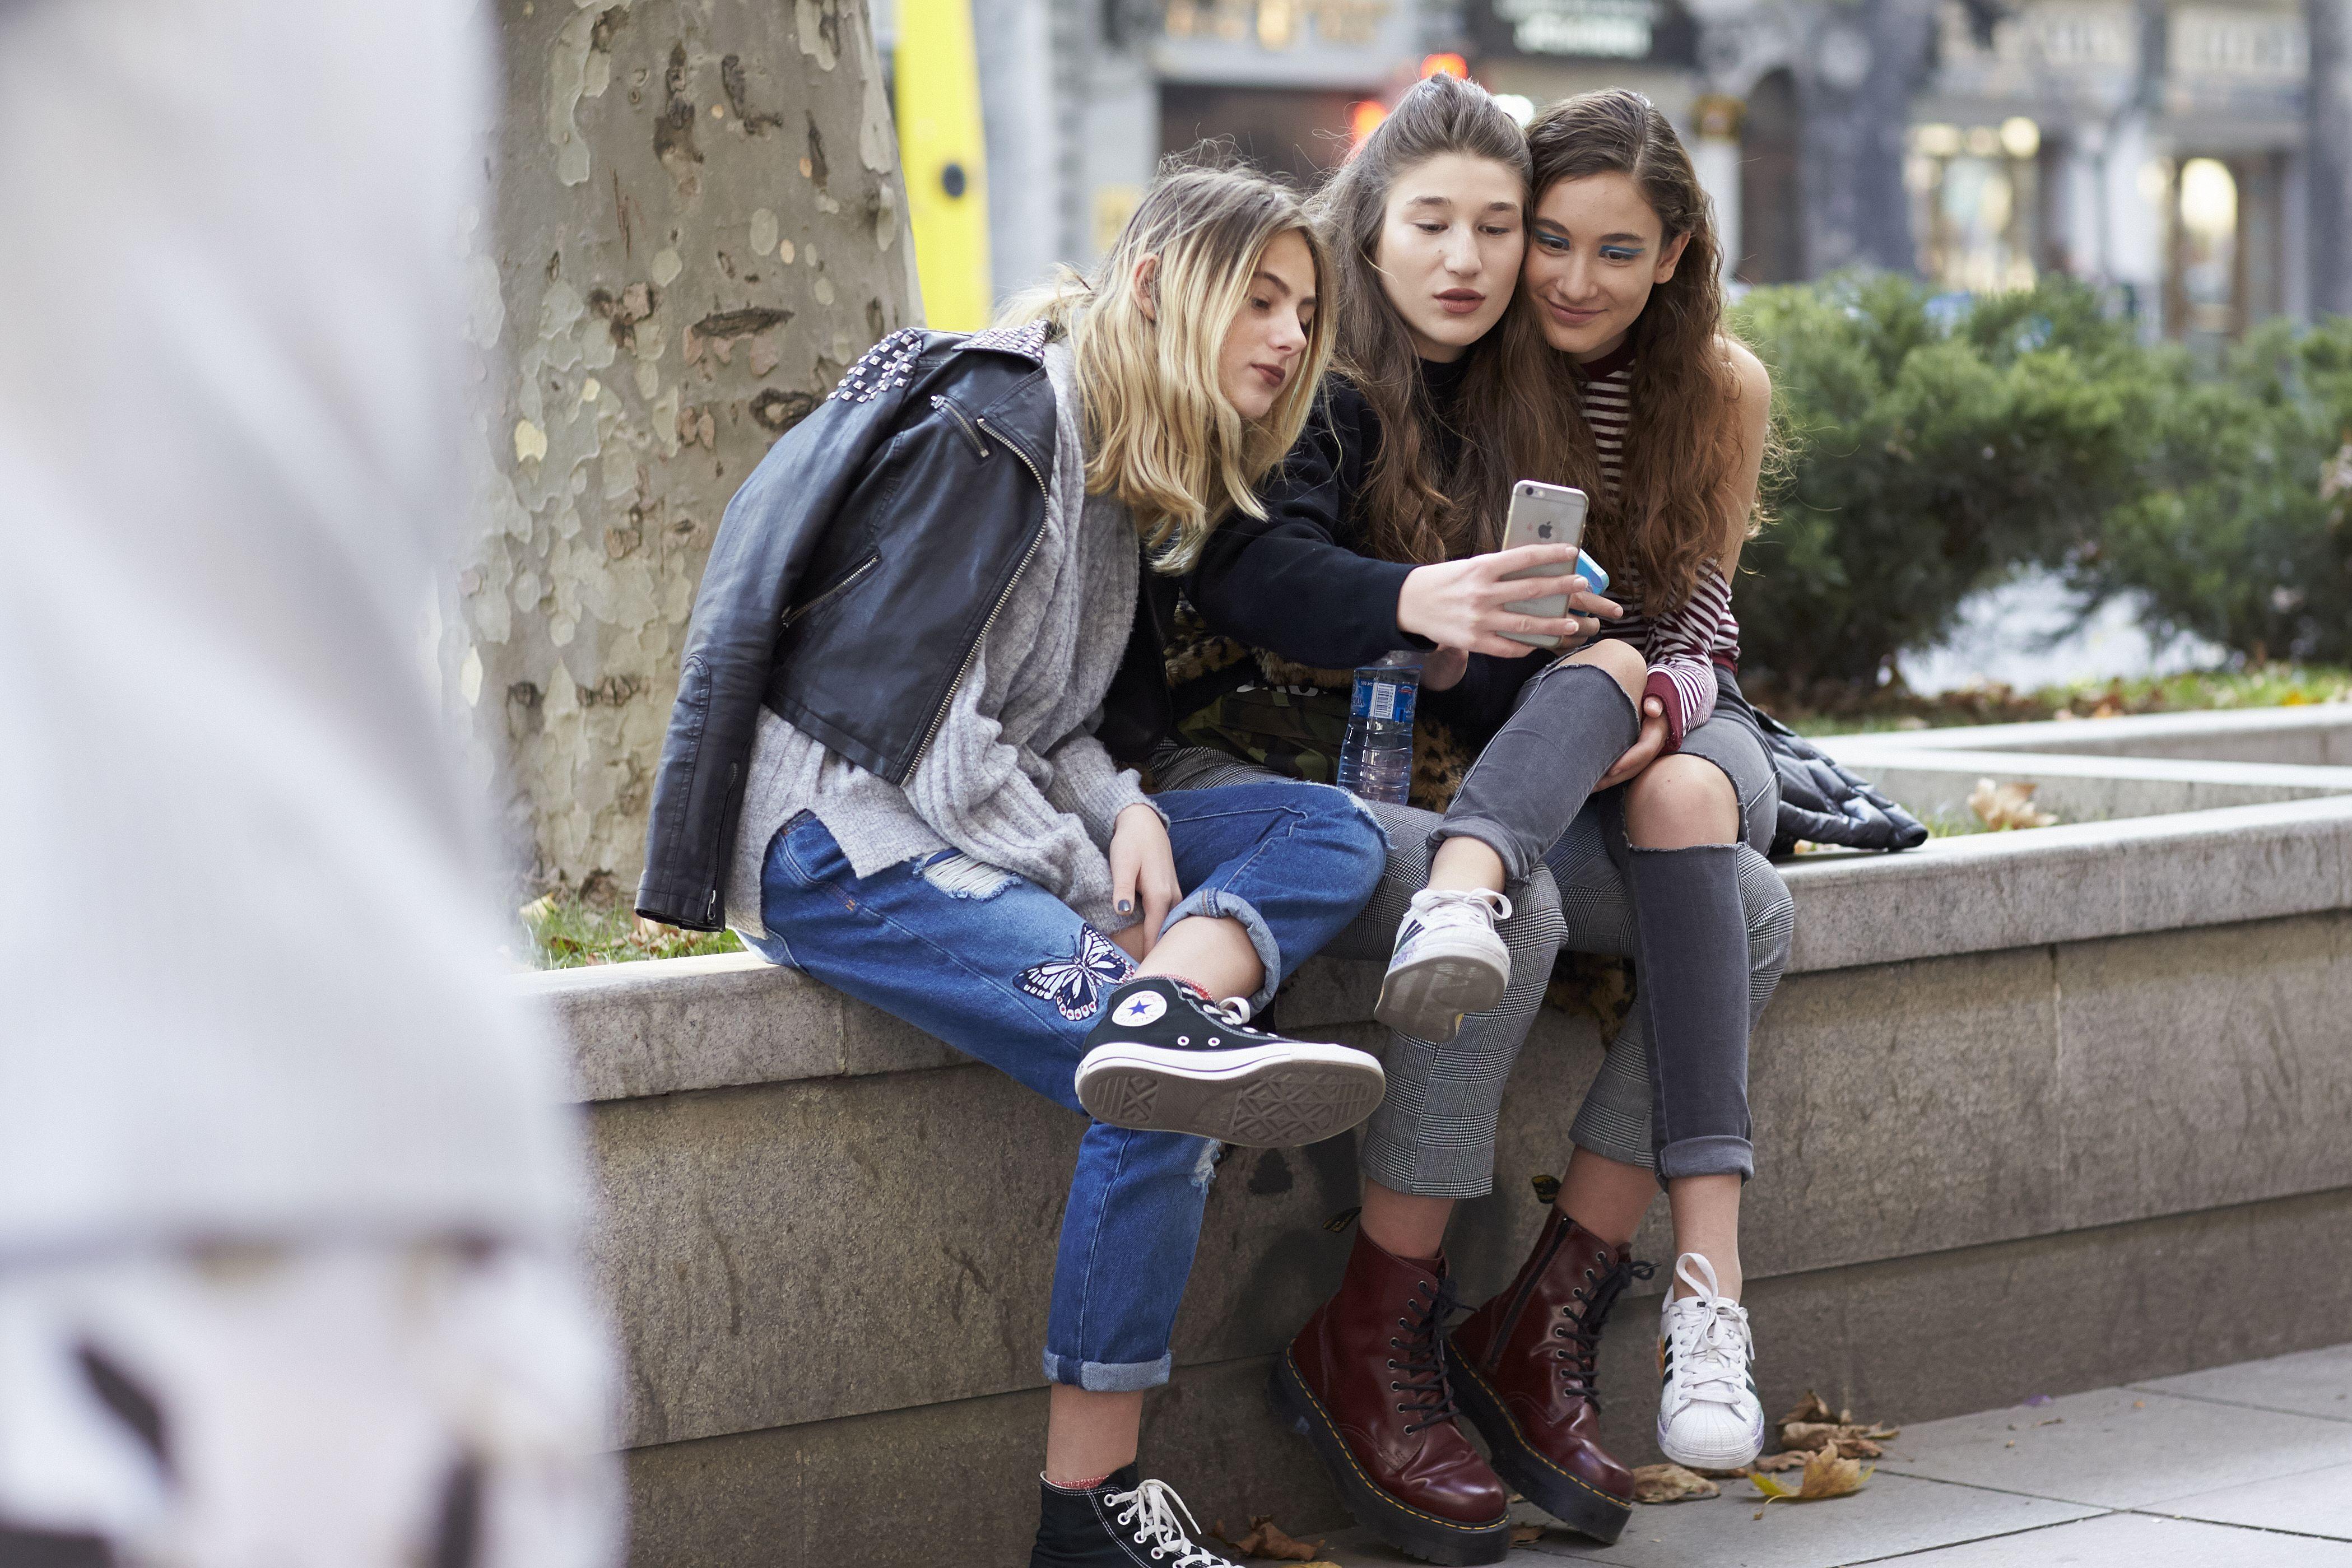 mobil, mobiltelefoni, afhængighed, vaner, venner, venskaber, liv